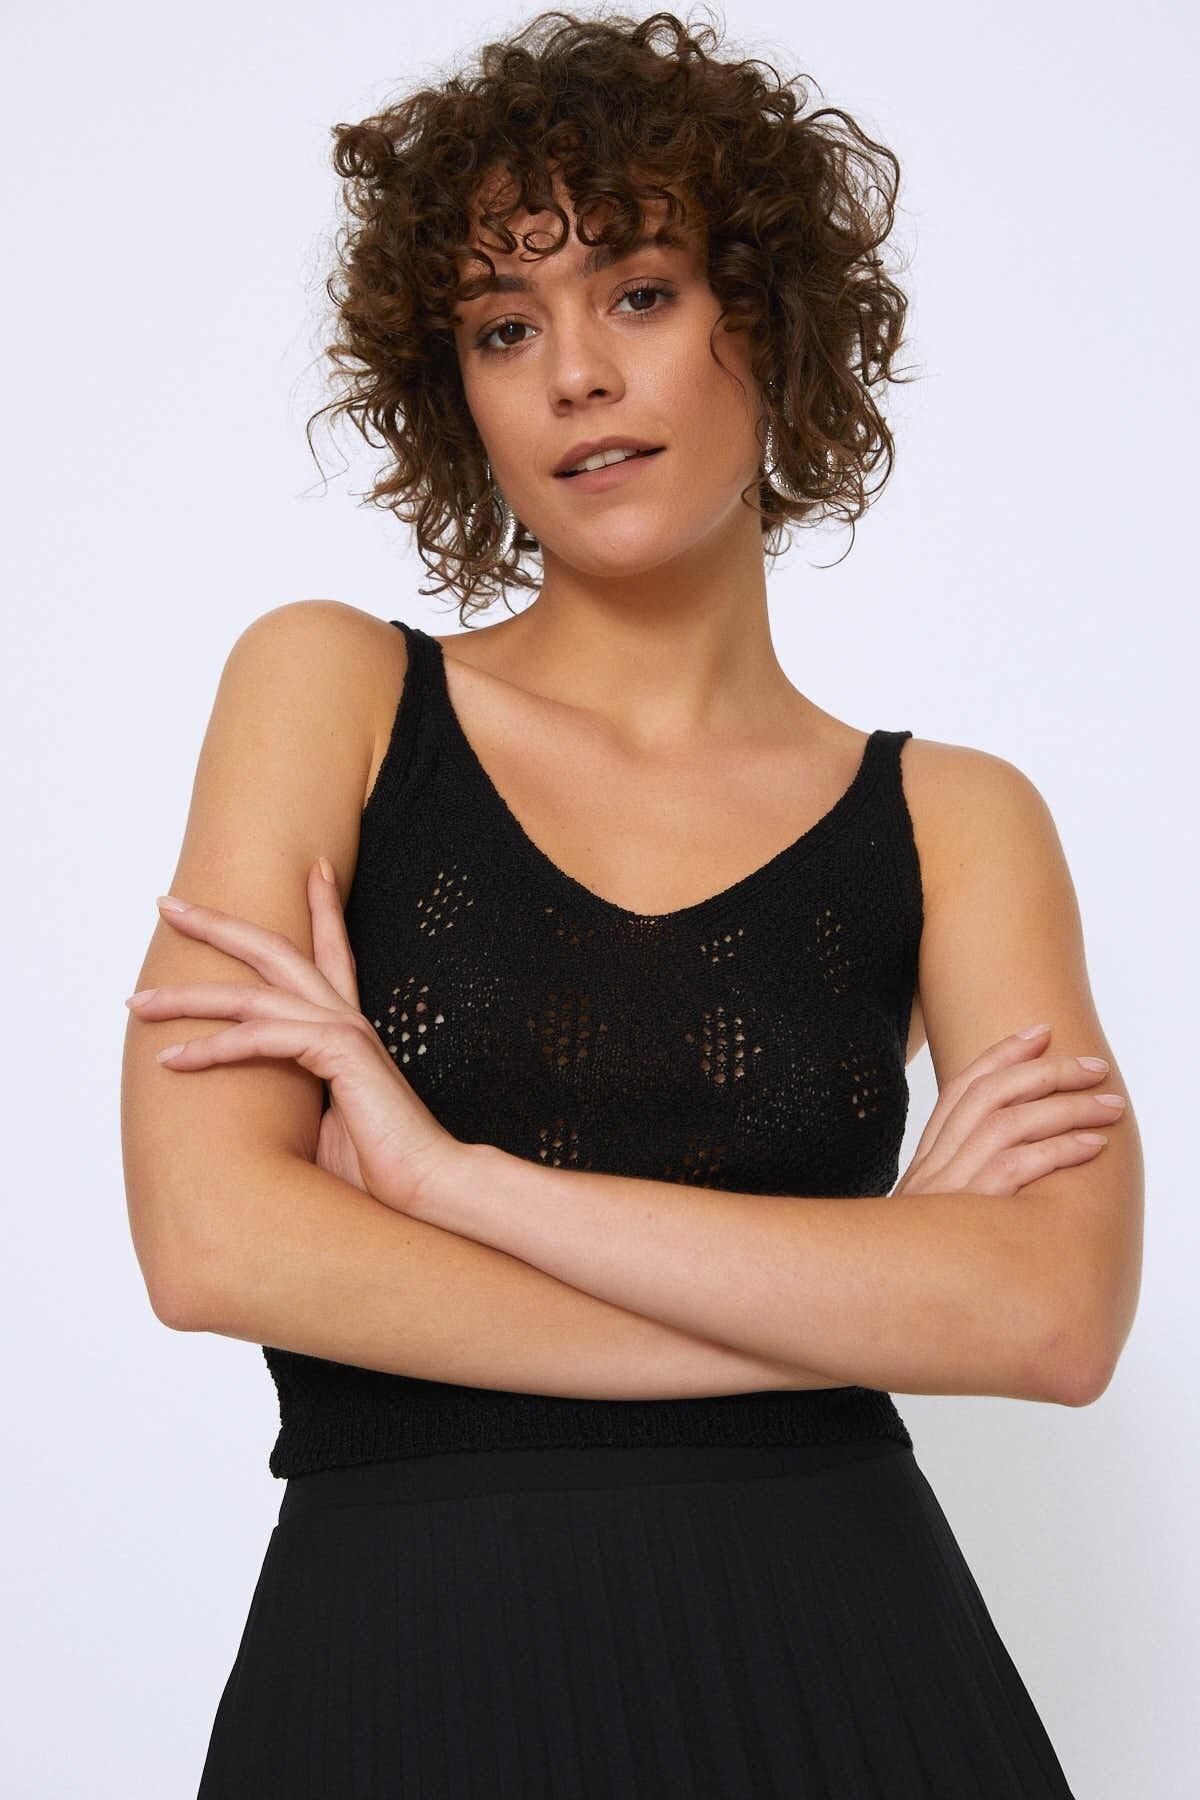 Quzu Kadın Askılı V Yaka Triko Siyah 19Y19371-001